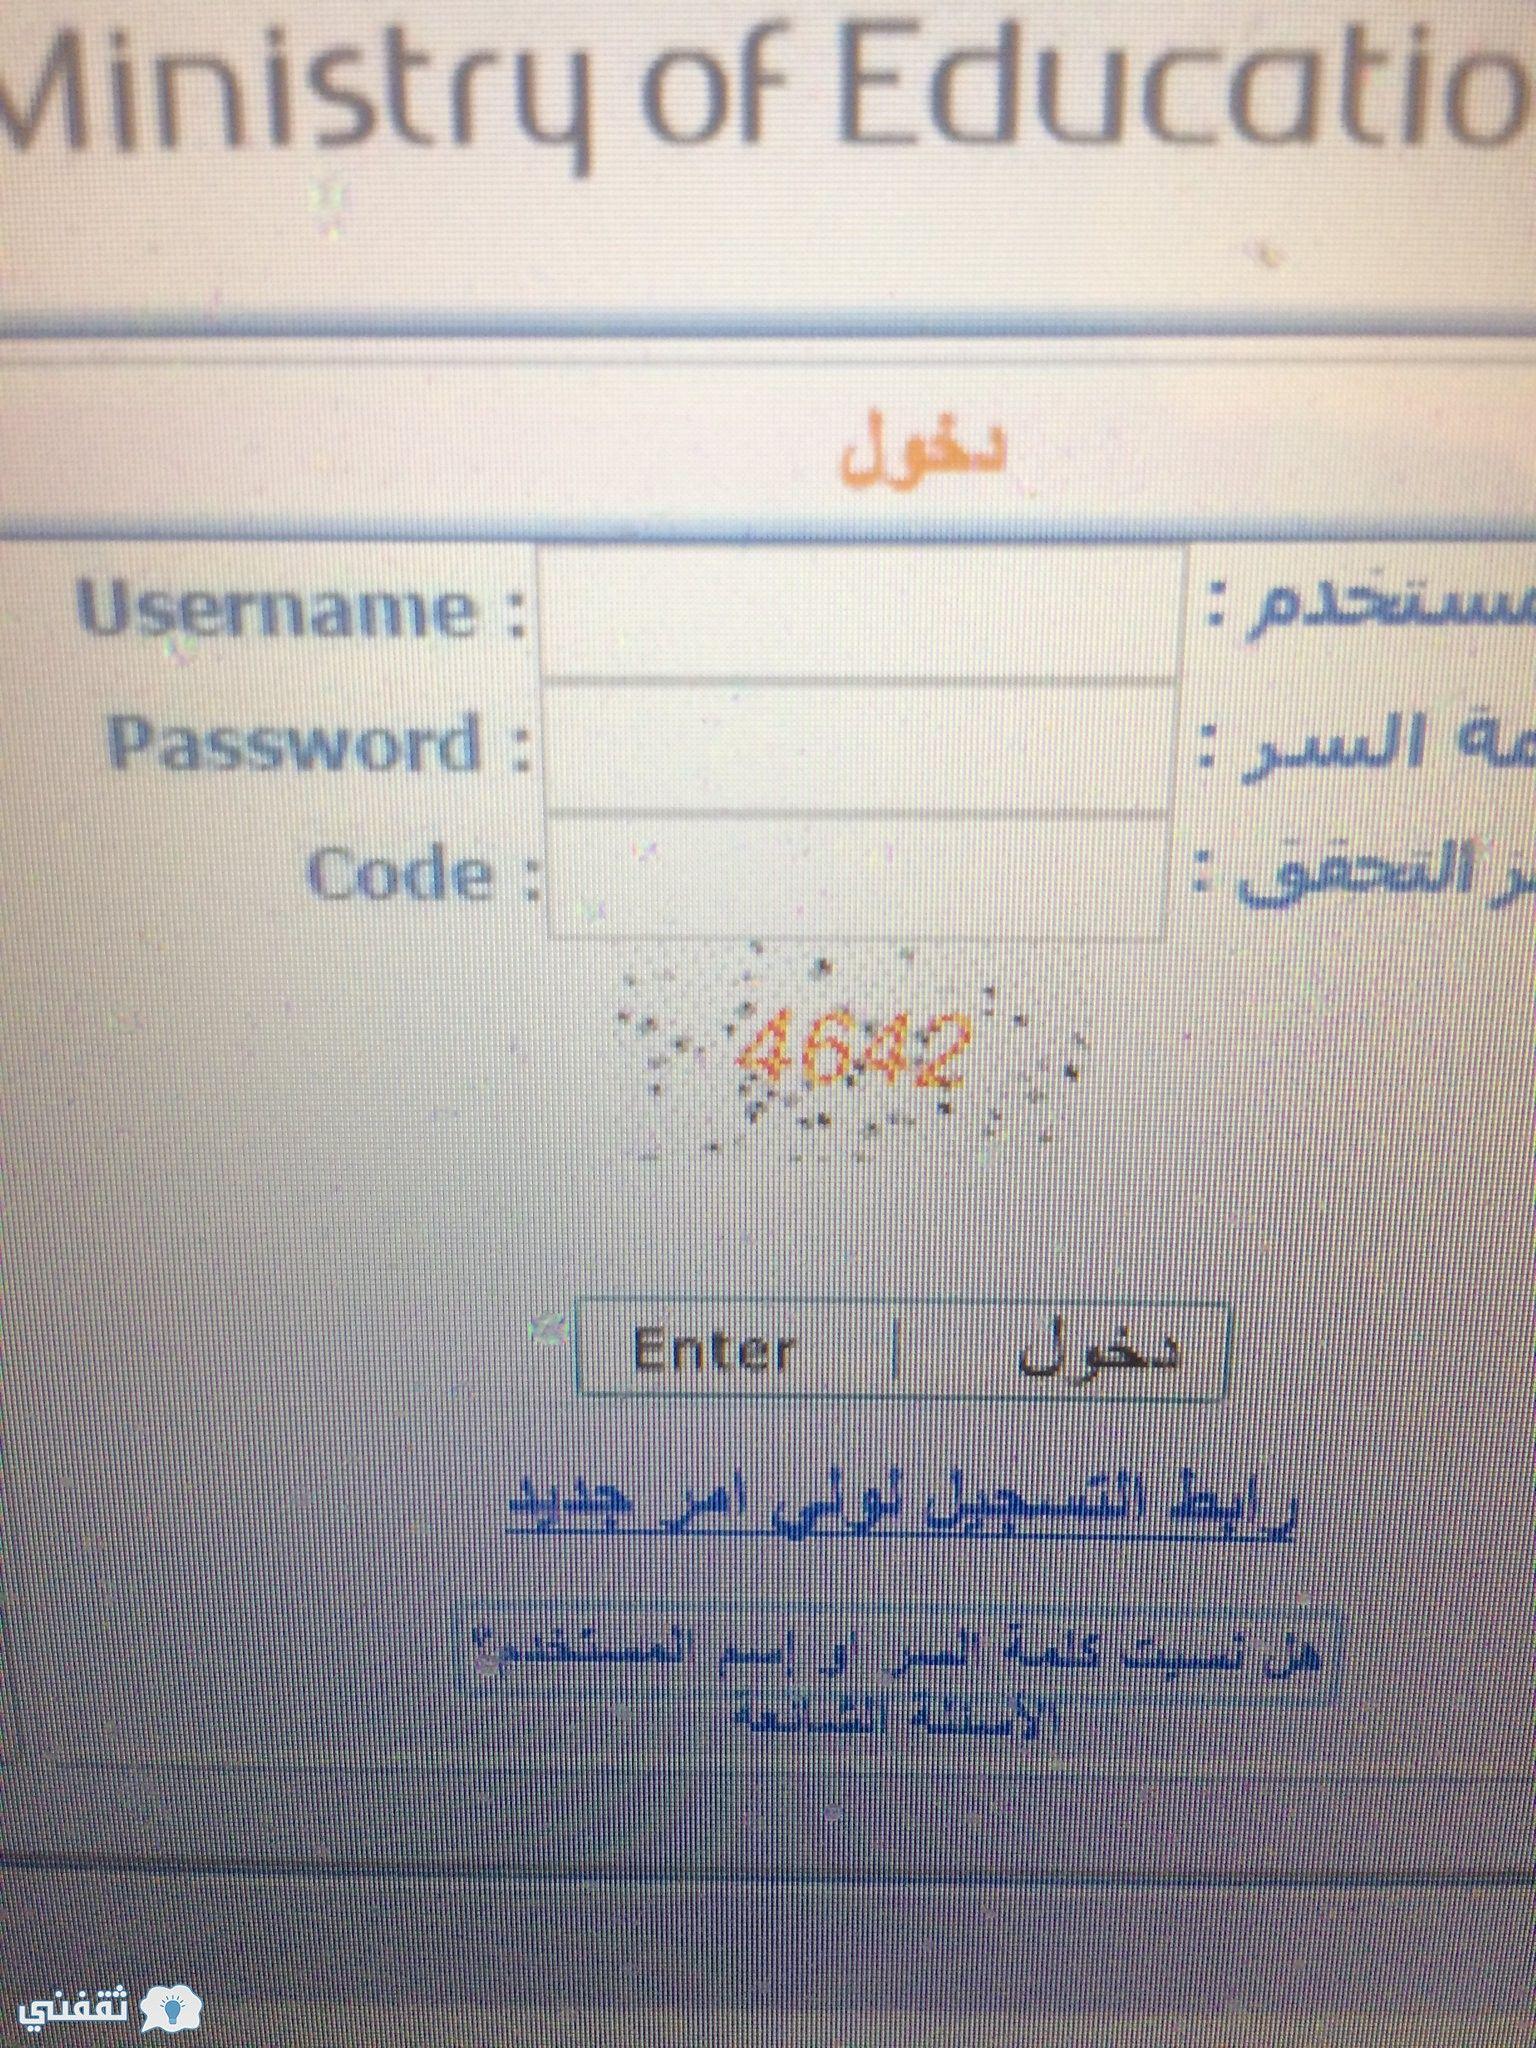 التسجيل في نظام نور أعلنت اليوم وزارة التعليم السعودية عن بدء تسجيل الطلاب المستجدين عبر نظام نور Coding Educatio Uji